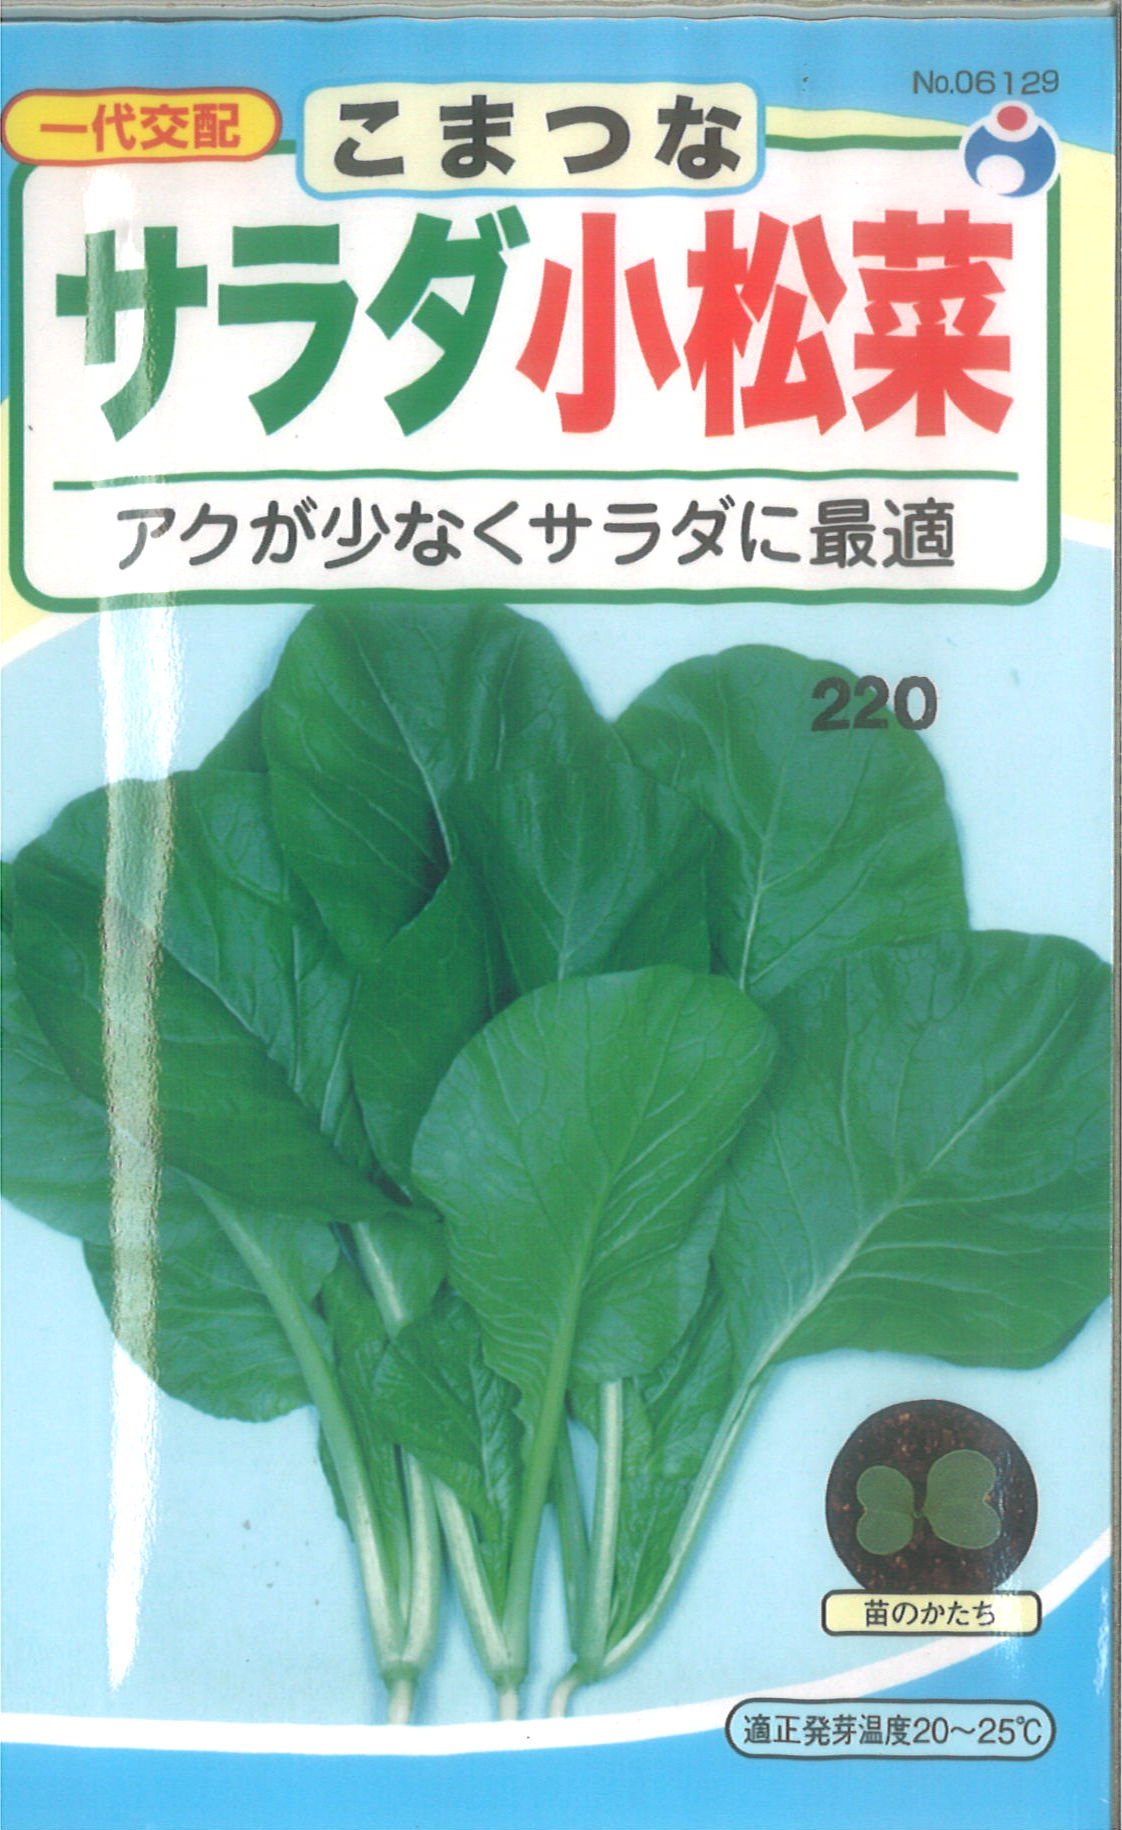 【代引不可】【5袋まで送料80円】 □ コマツナ サラダ小松菜